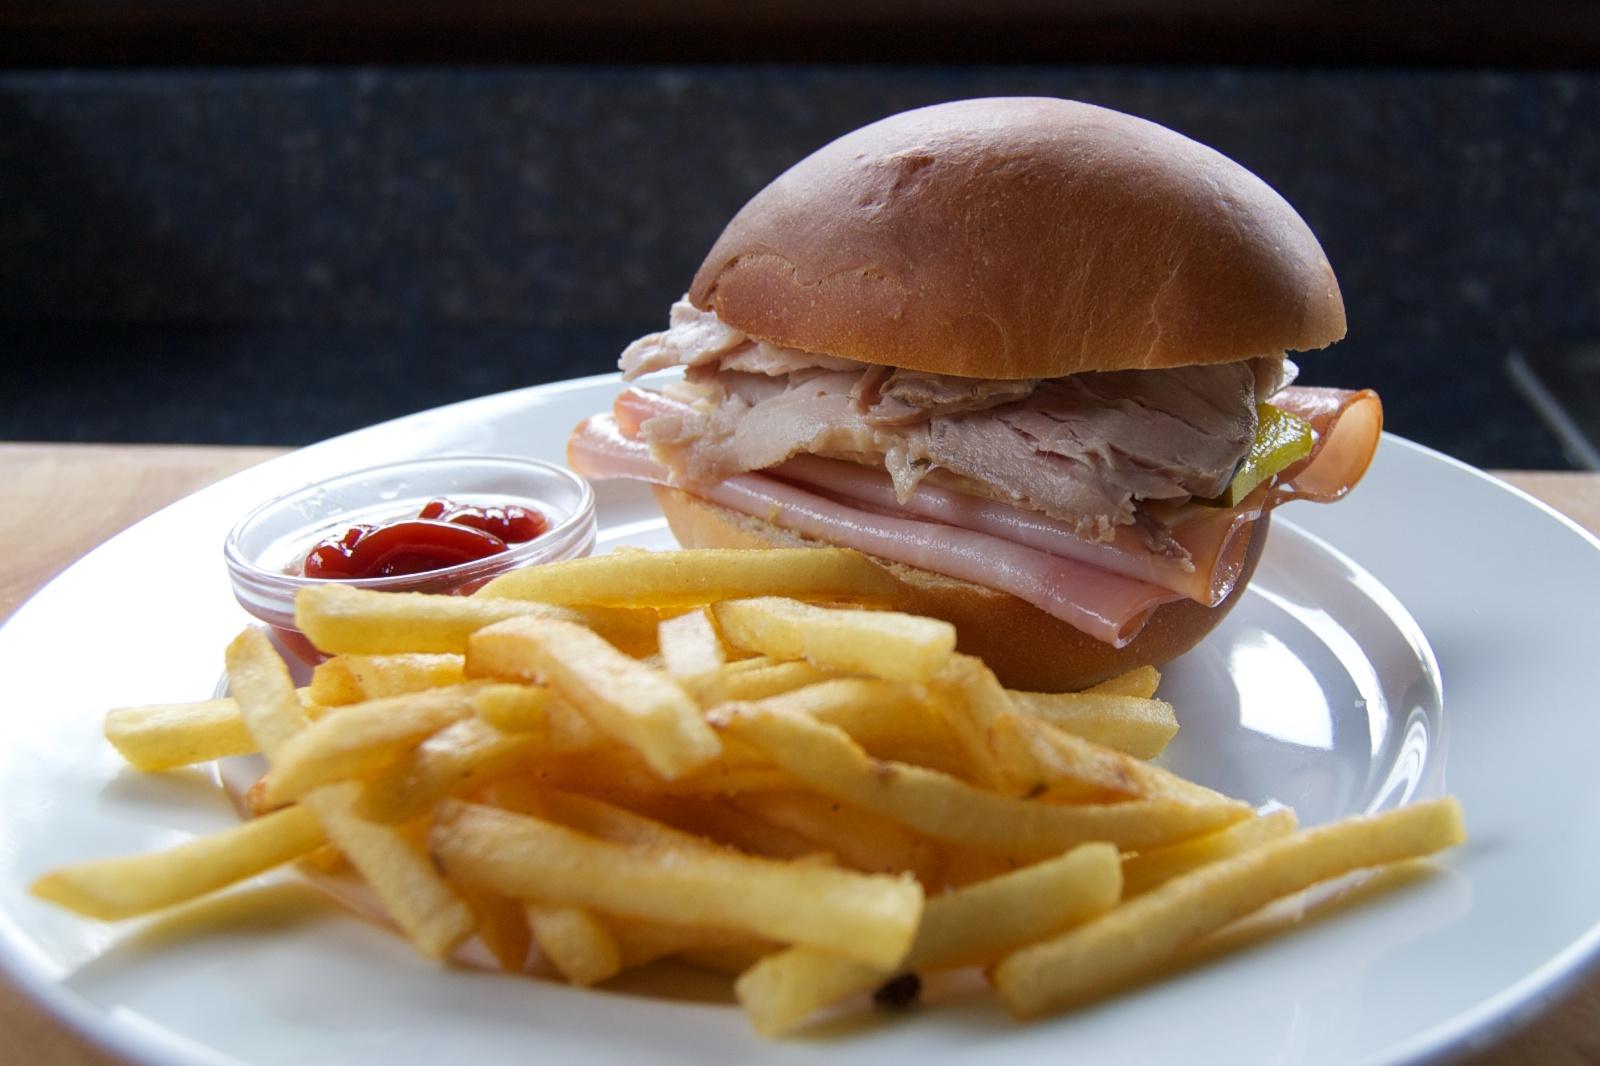 http://blog.rickk.com/food/2011/07/29/medianoche5.jpg